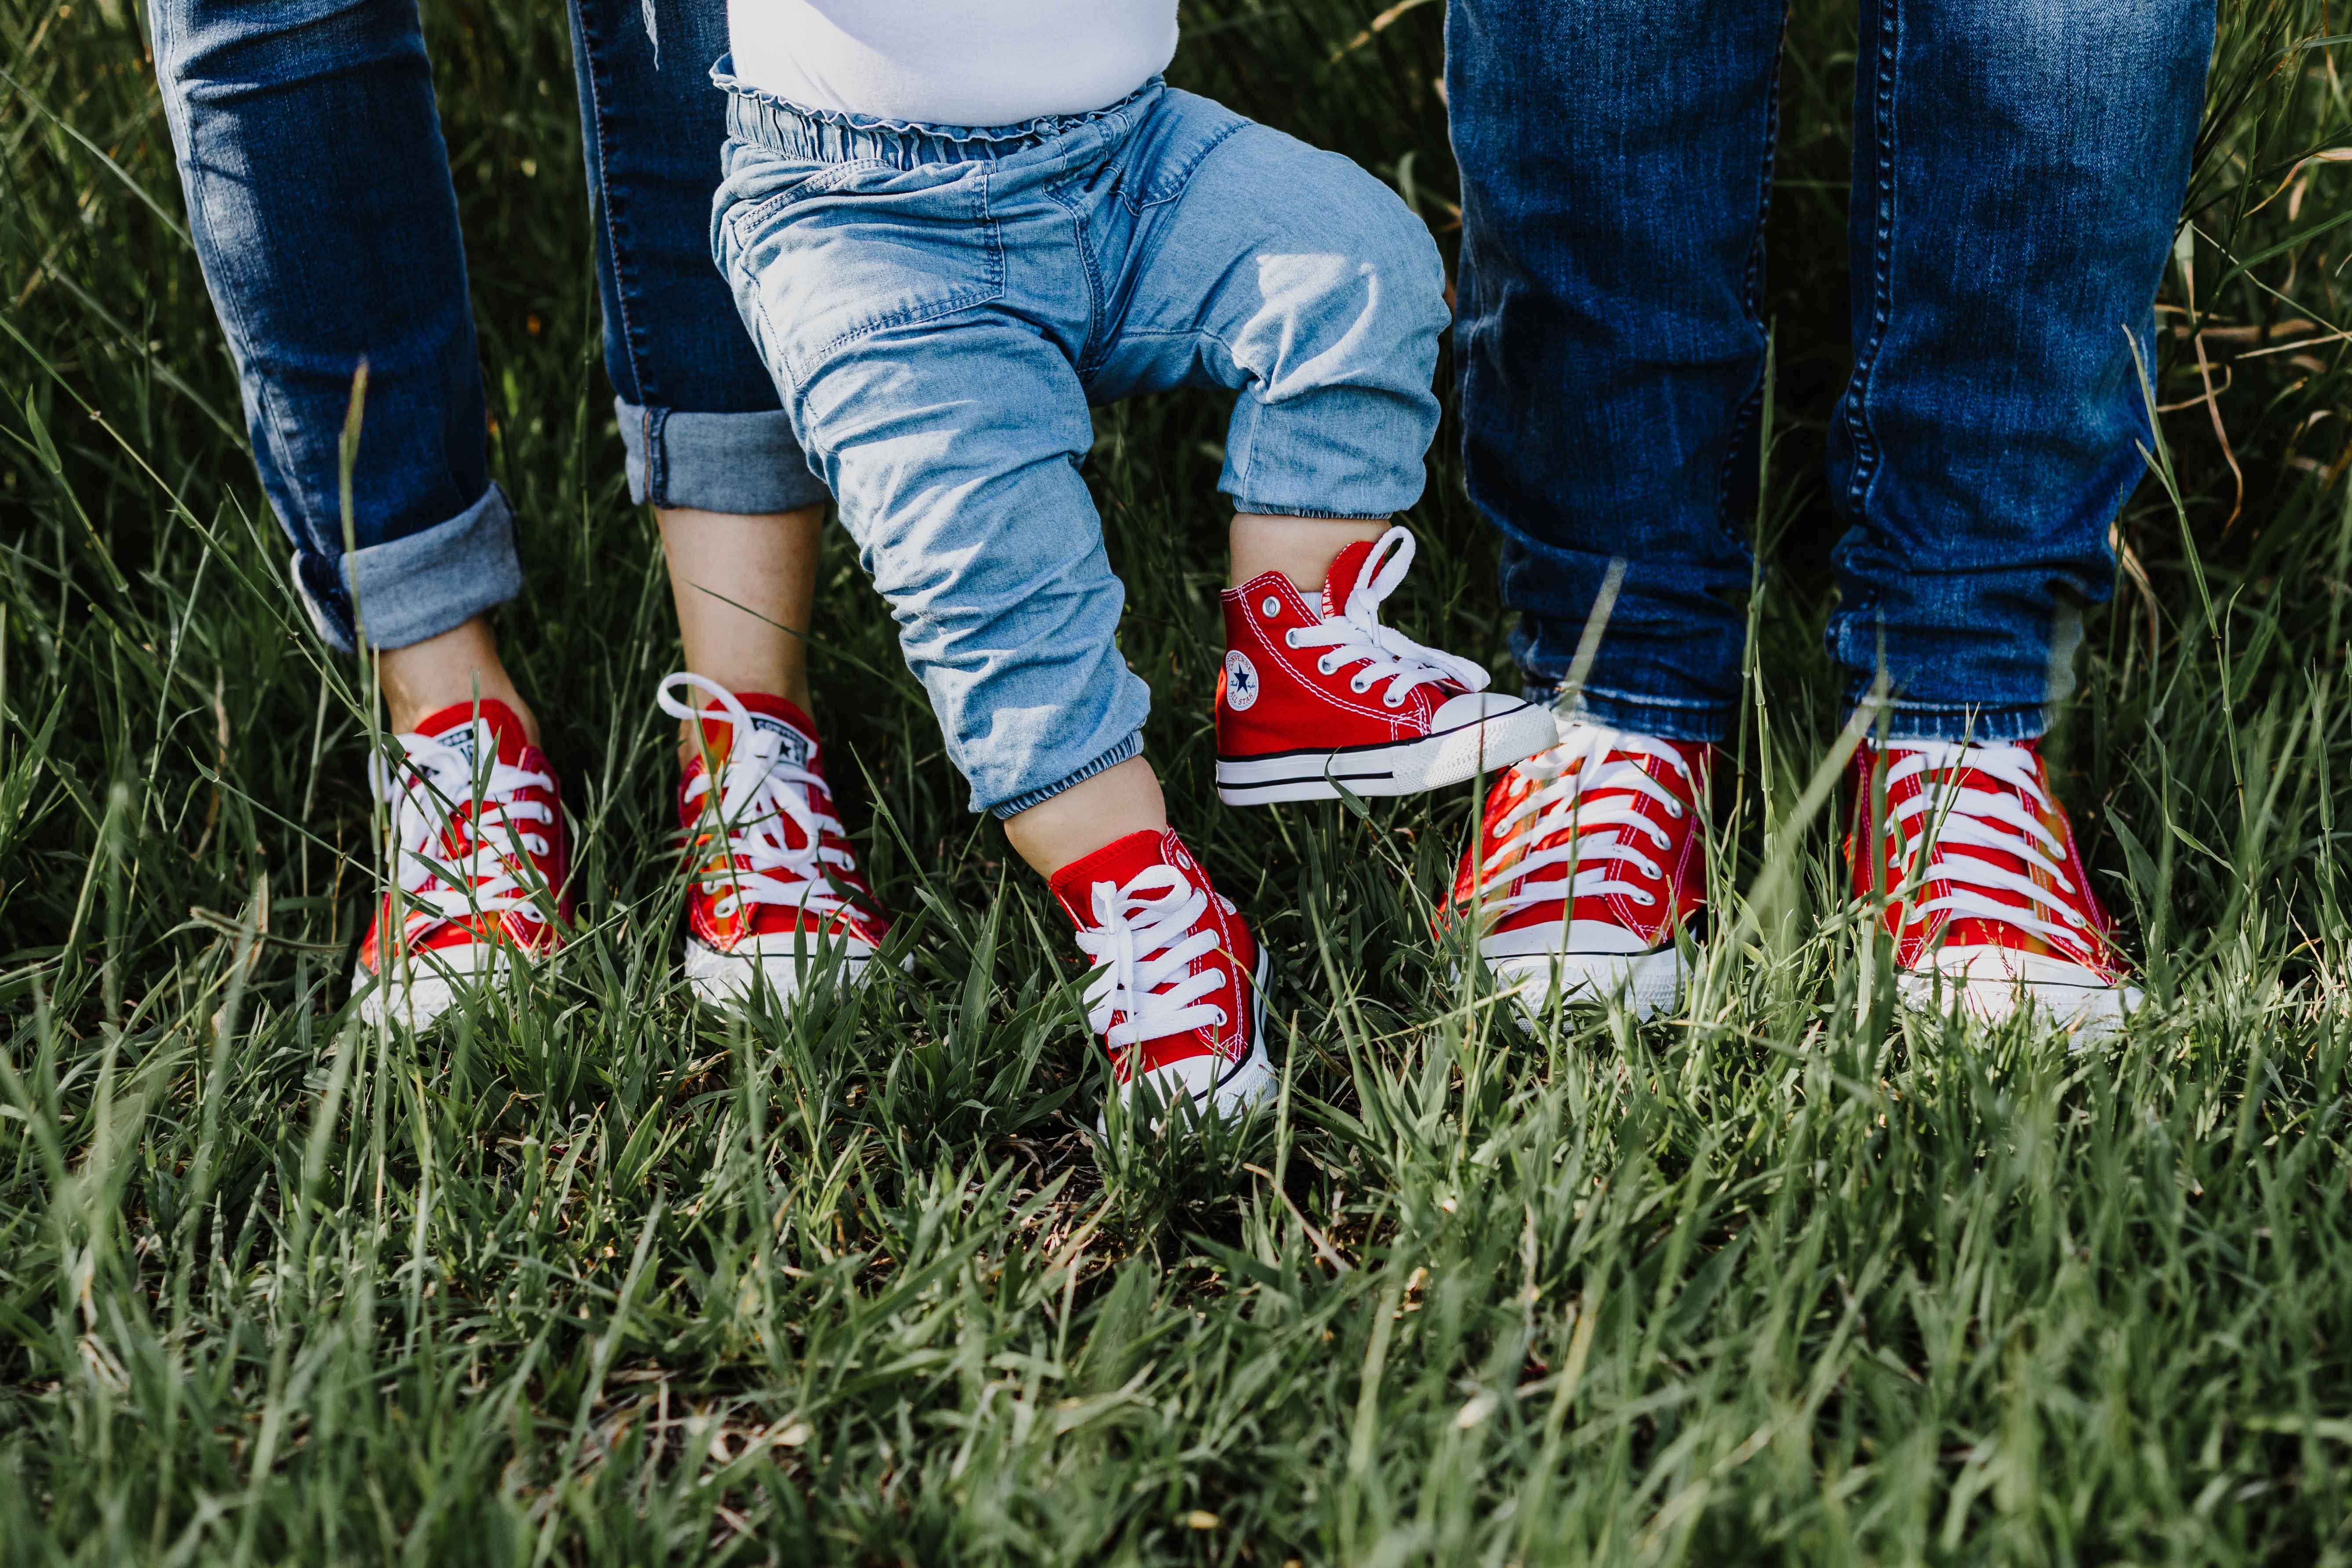 détail des chaussures, lors d'une séance photo famille en extérieur, dans la nature. Les parents et bébé portent des converse rouges.